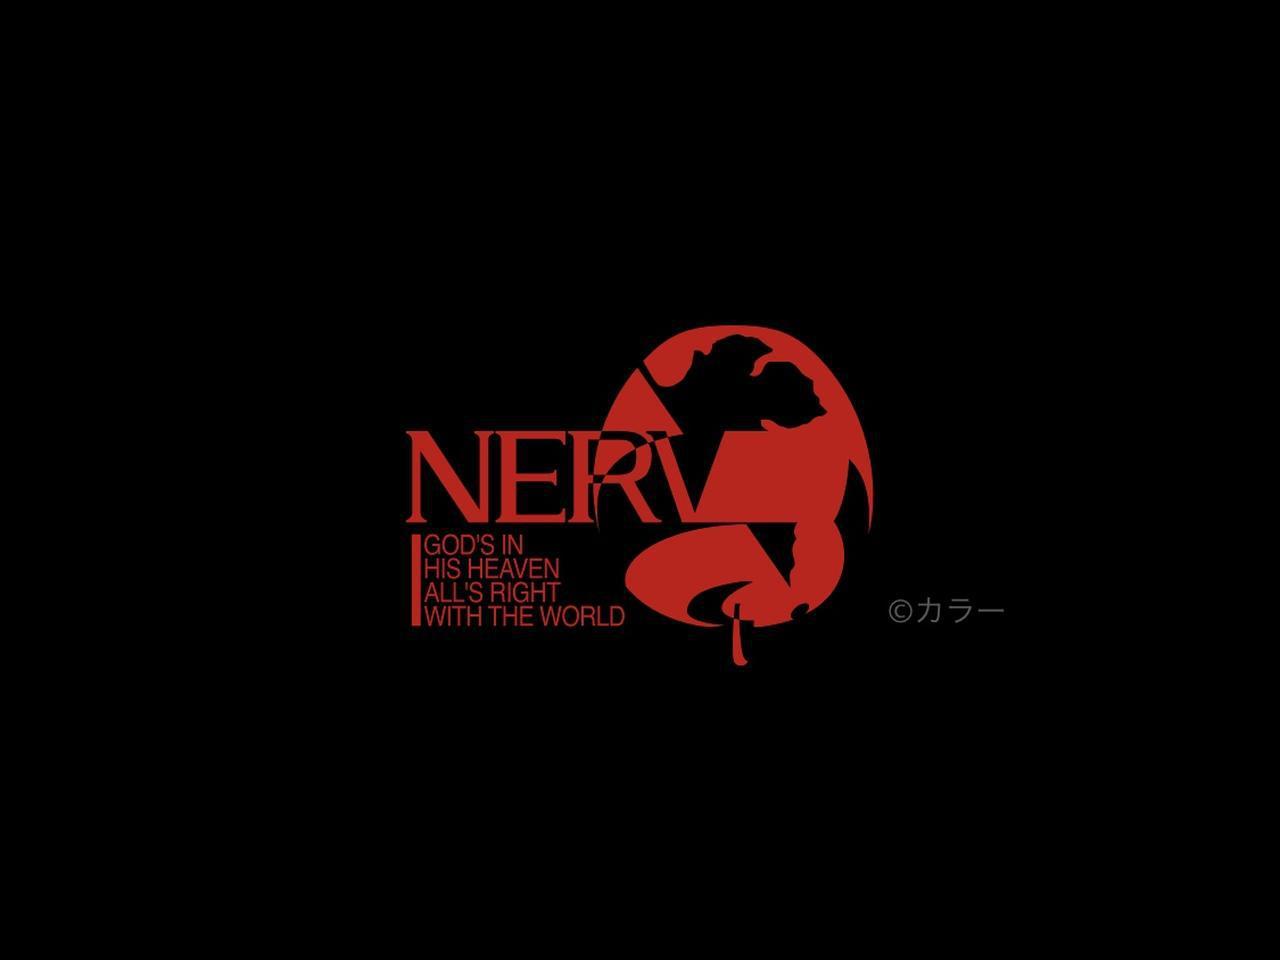 画像: 『特務機関NERV防災』 - Fun Fun Fun Club - デジタル・ライフスタイルマガジン